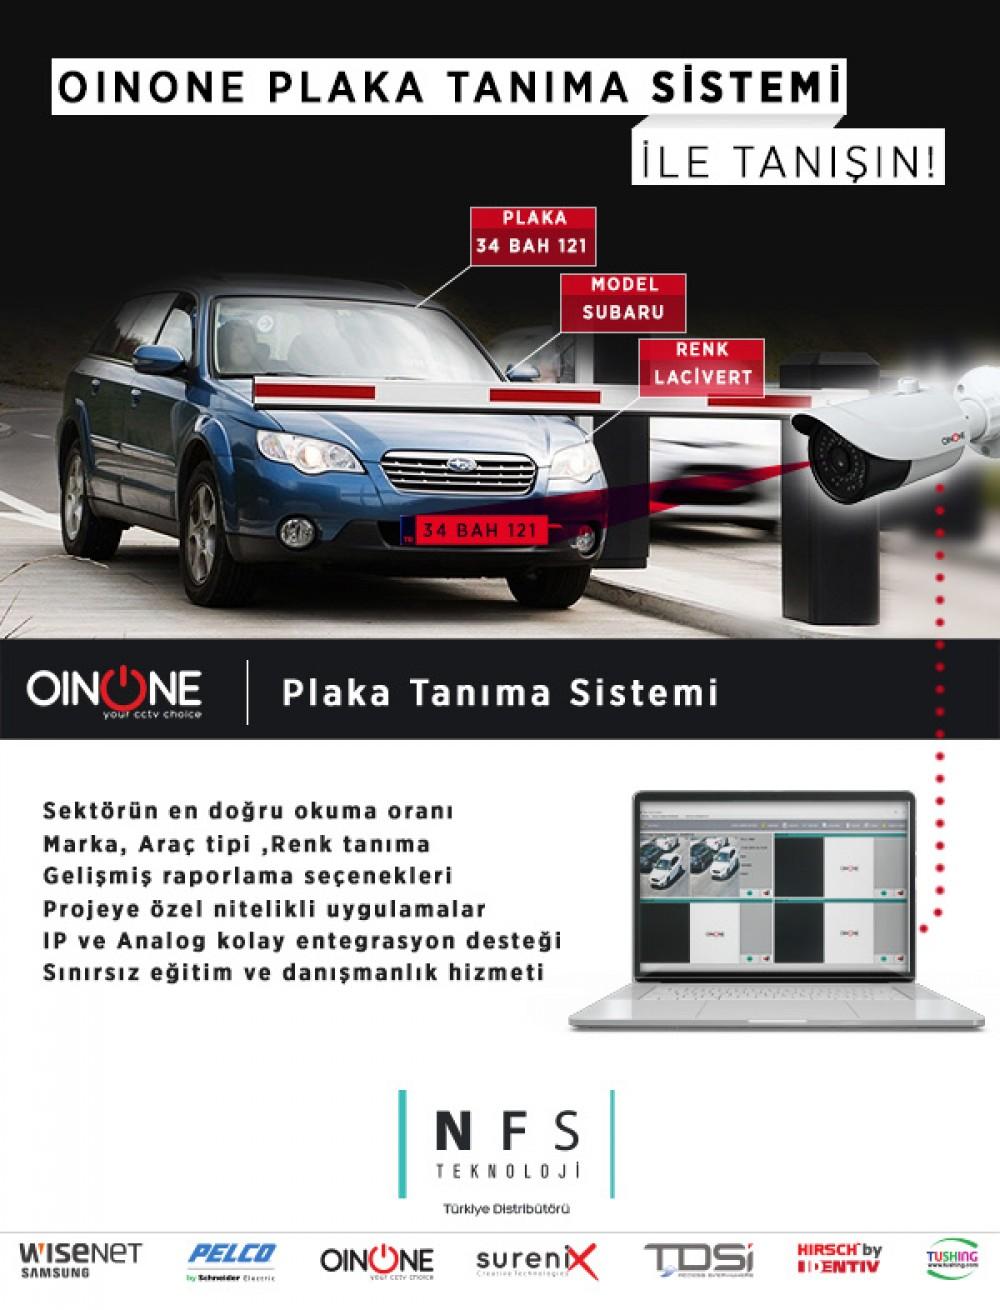 OinOne Plaka Tanıma Sistemi İle Tanışın